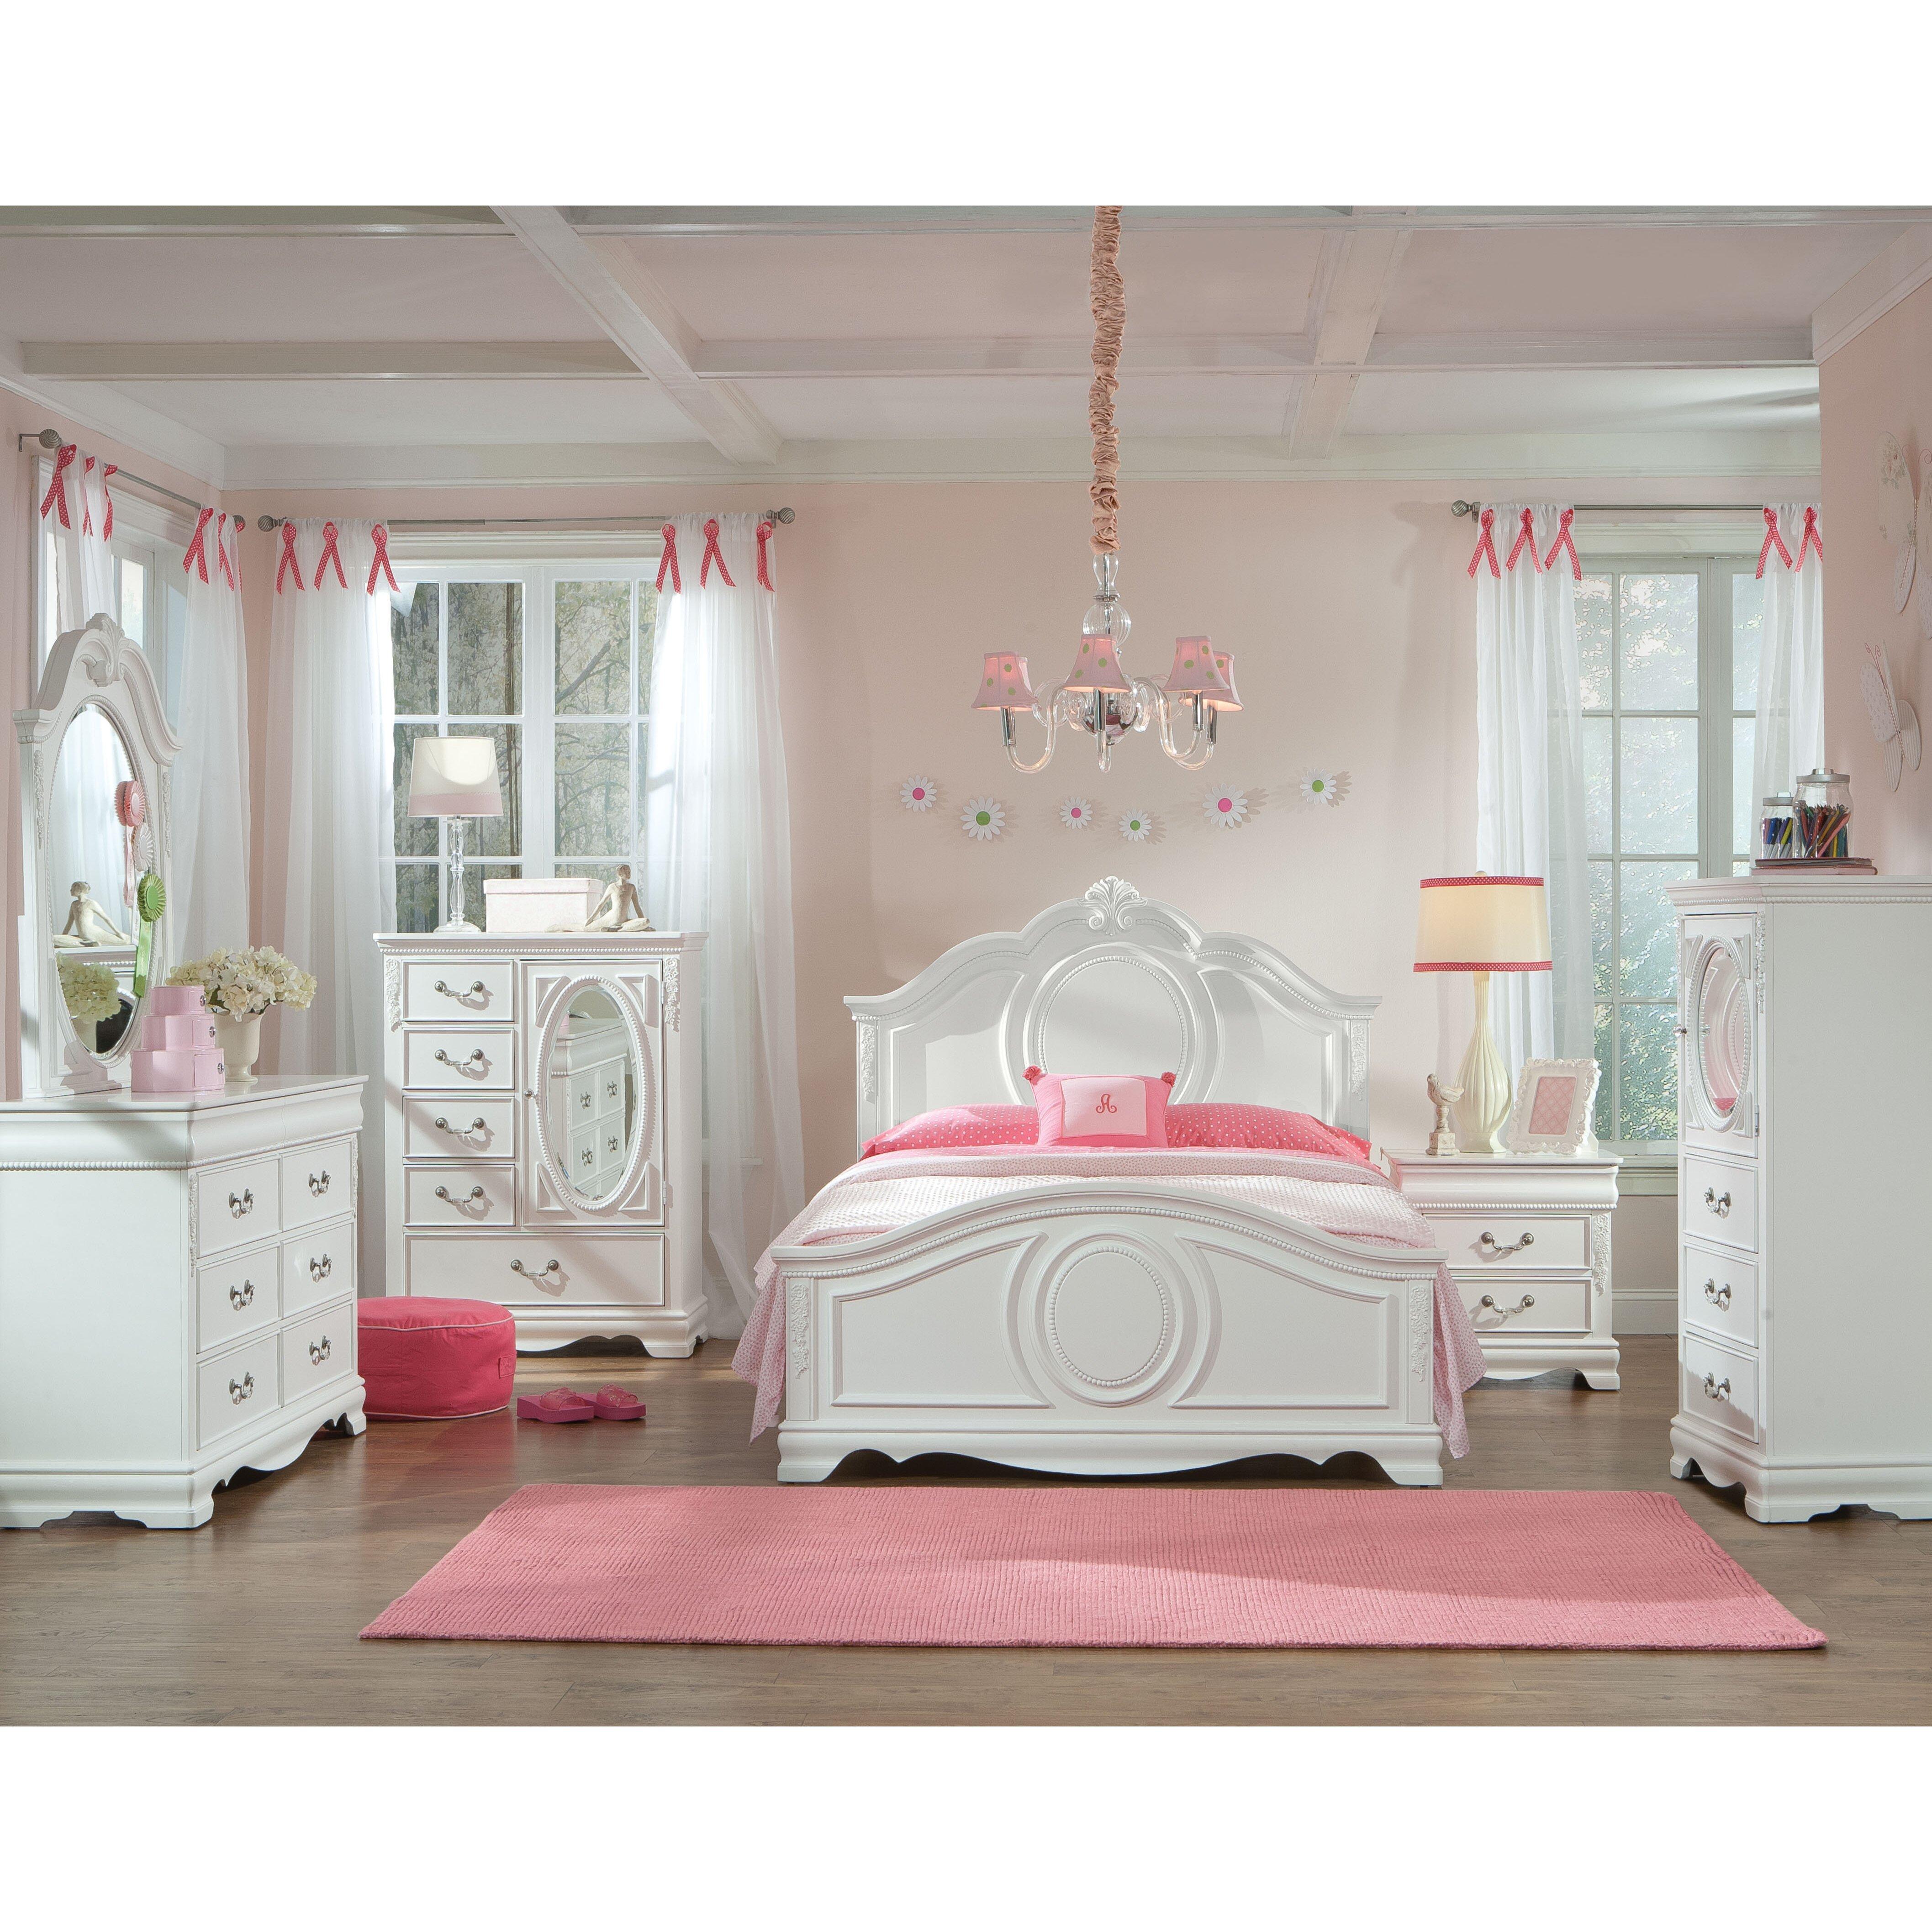 Kids Bedroom Sets For Girls Girl Bedroom Sets